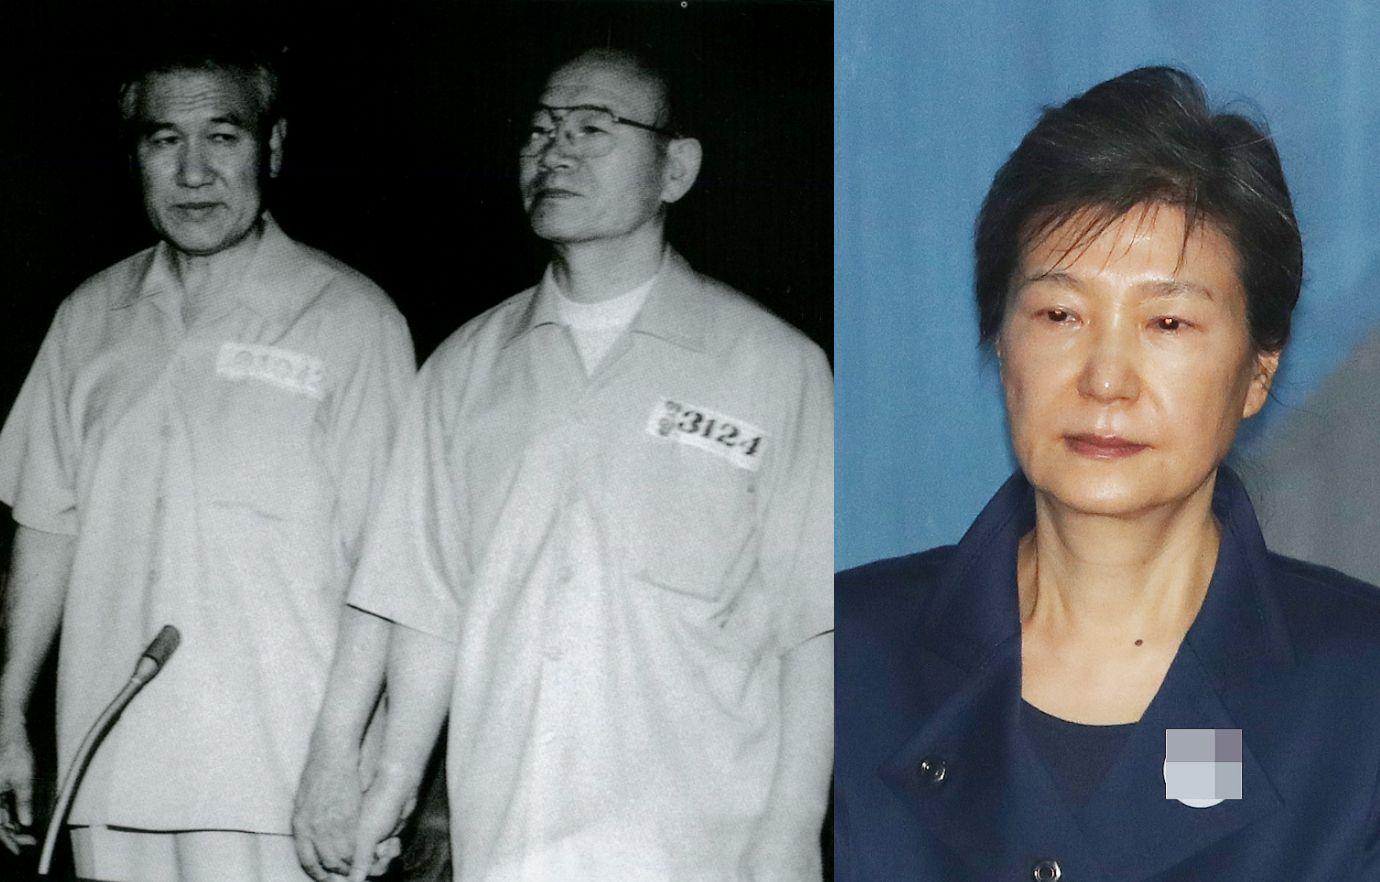 박근혜가 전두환·노태우처럼 사면을 받을 가능성